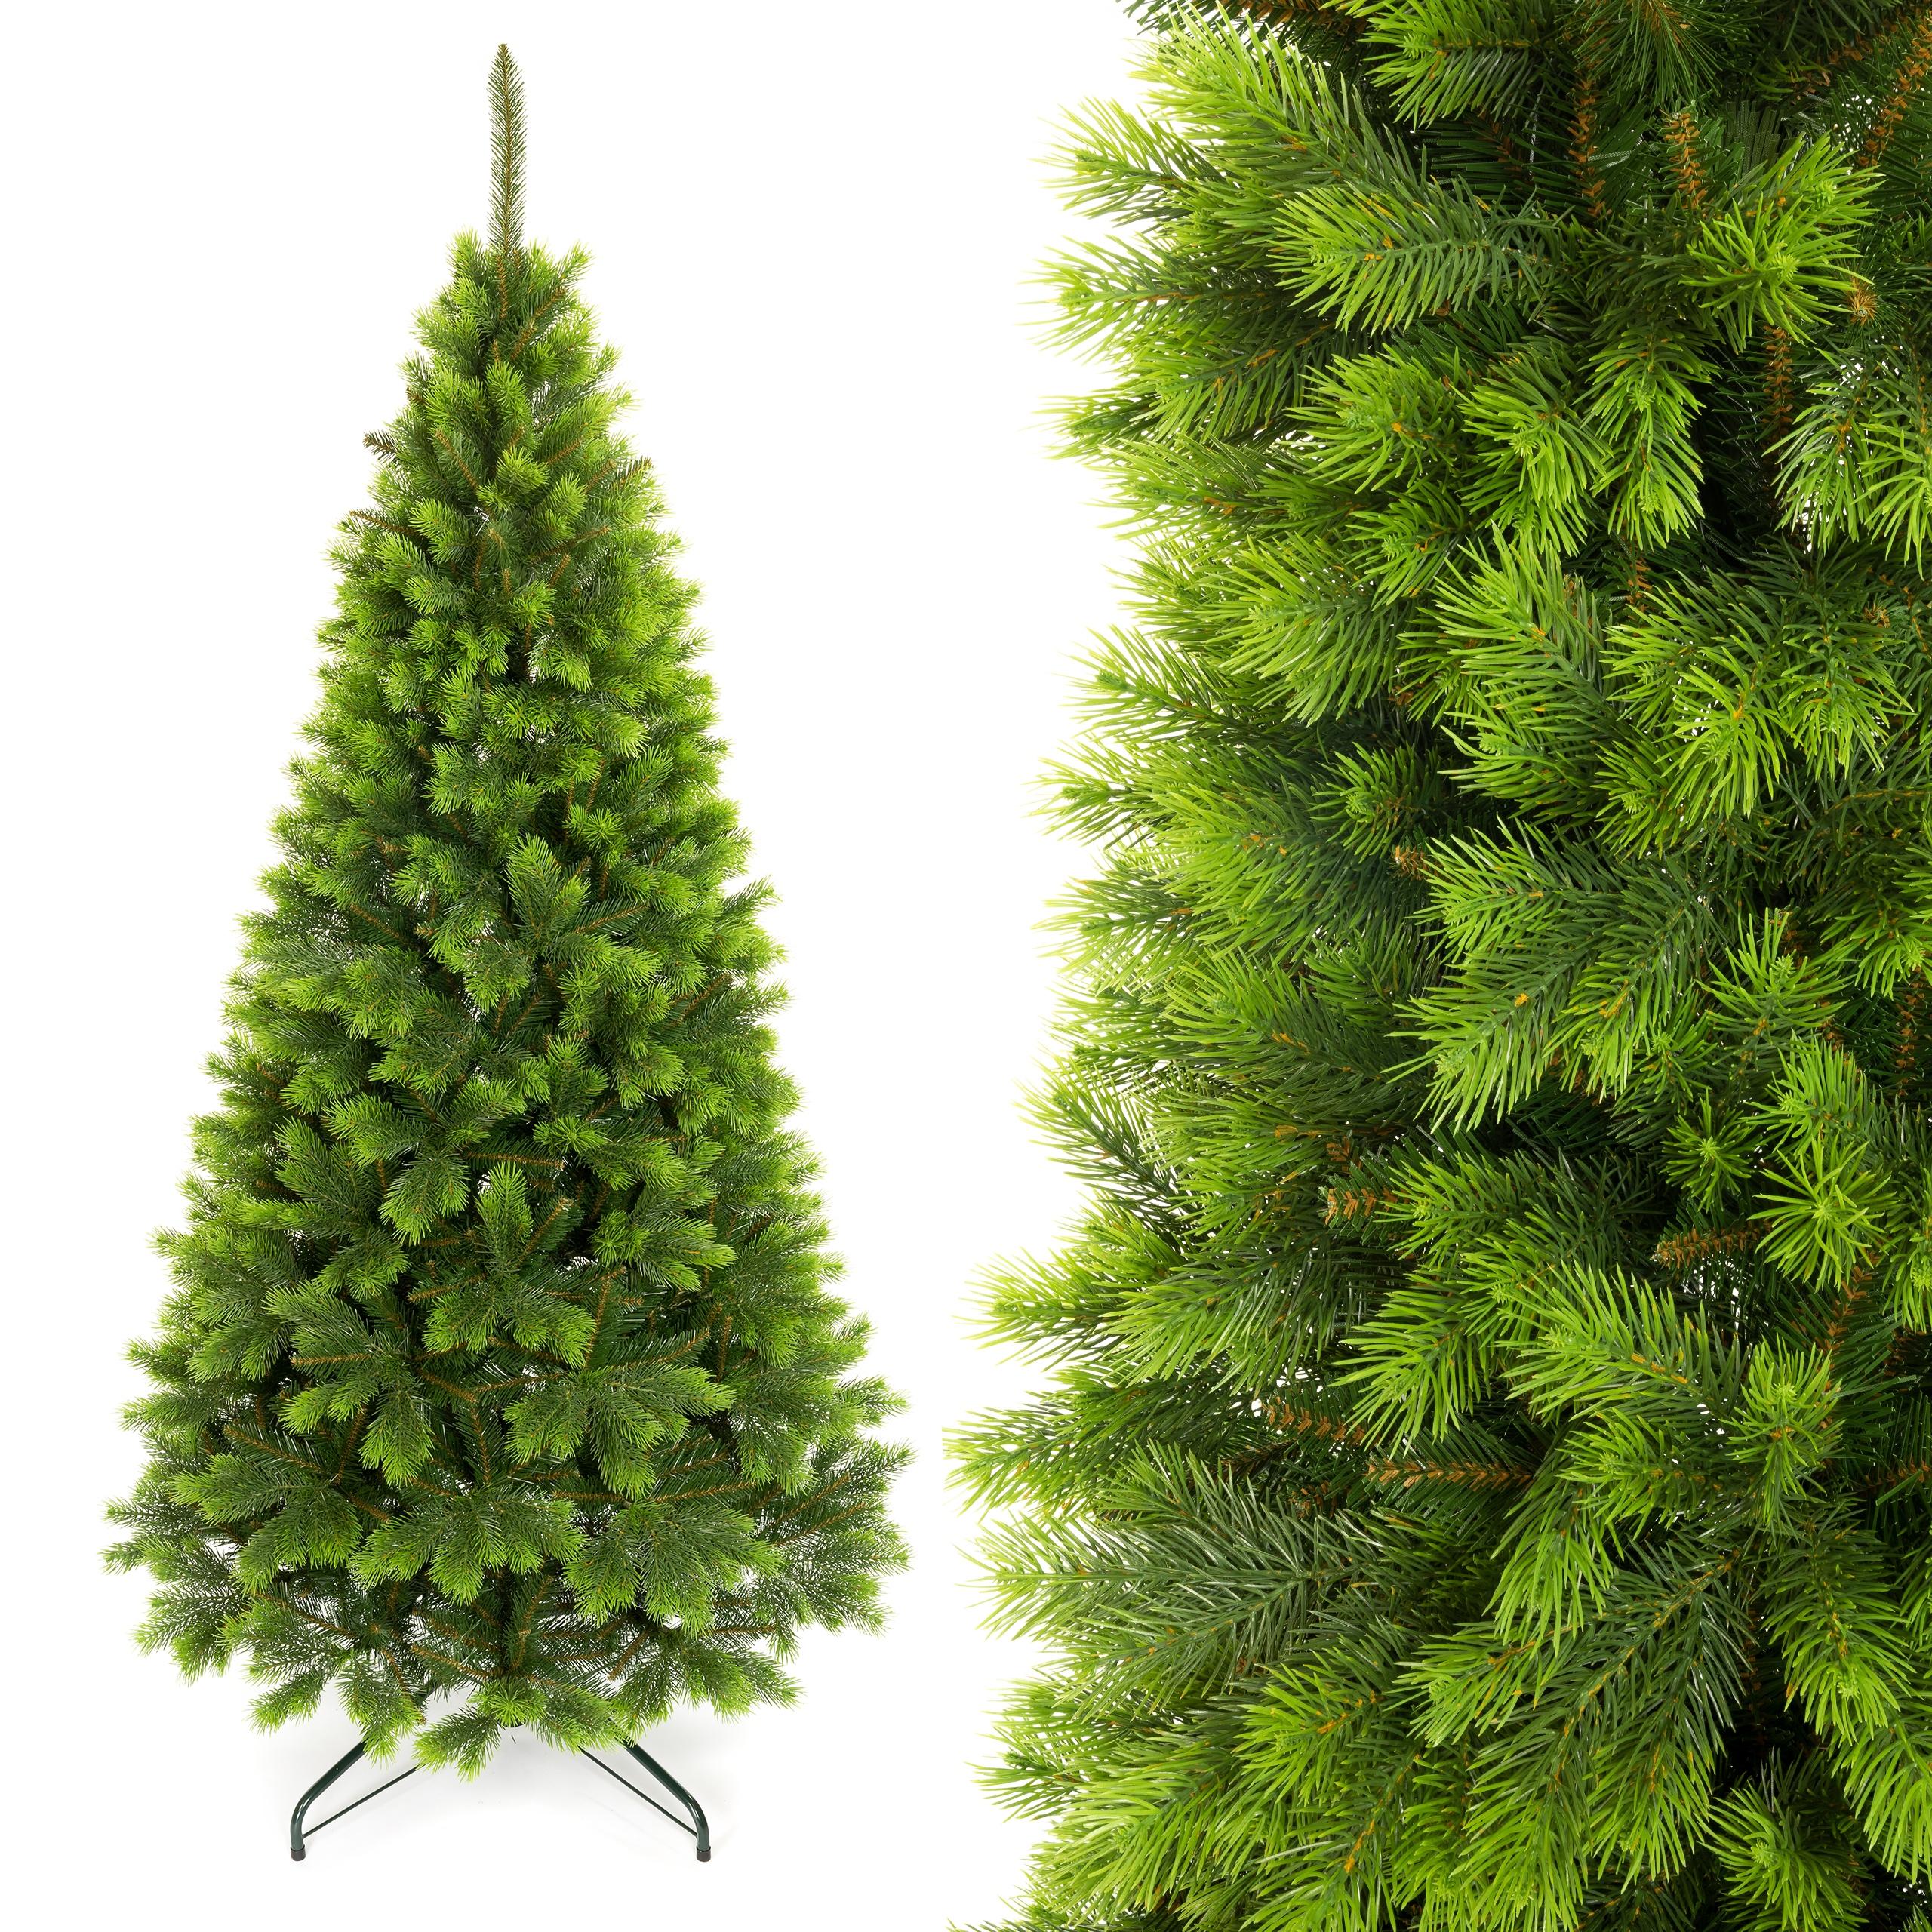 Umelý vianočný stromček Kvitnúca borovica PE 160 cm, ako živý